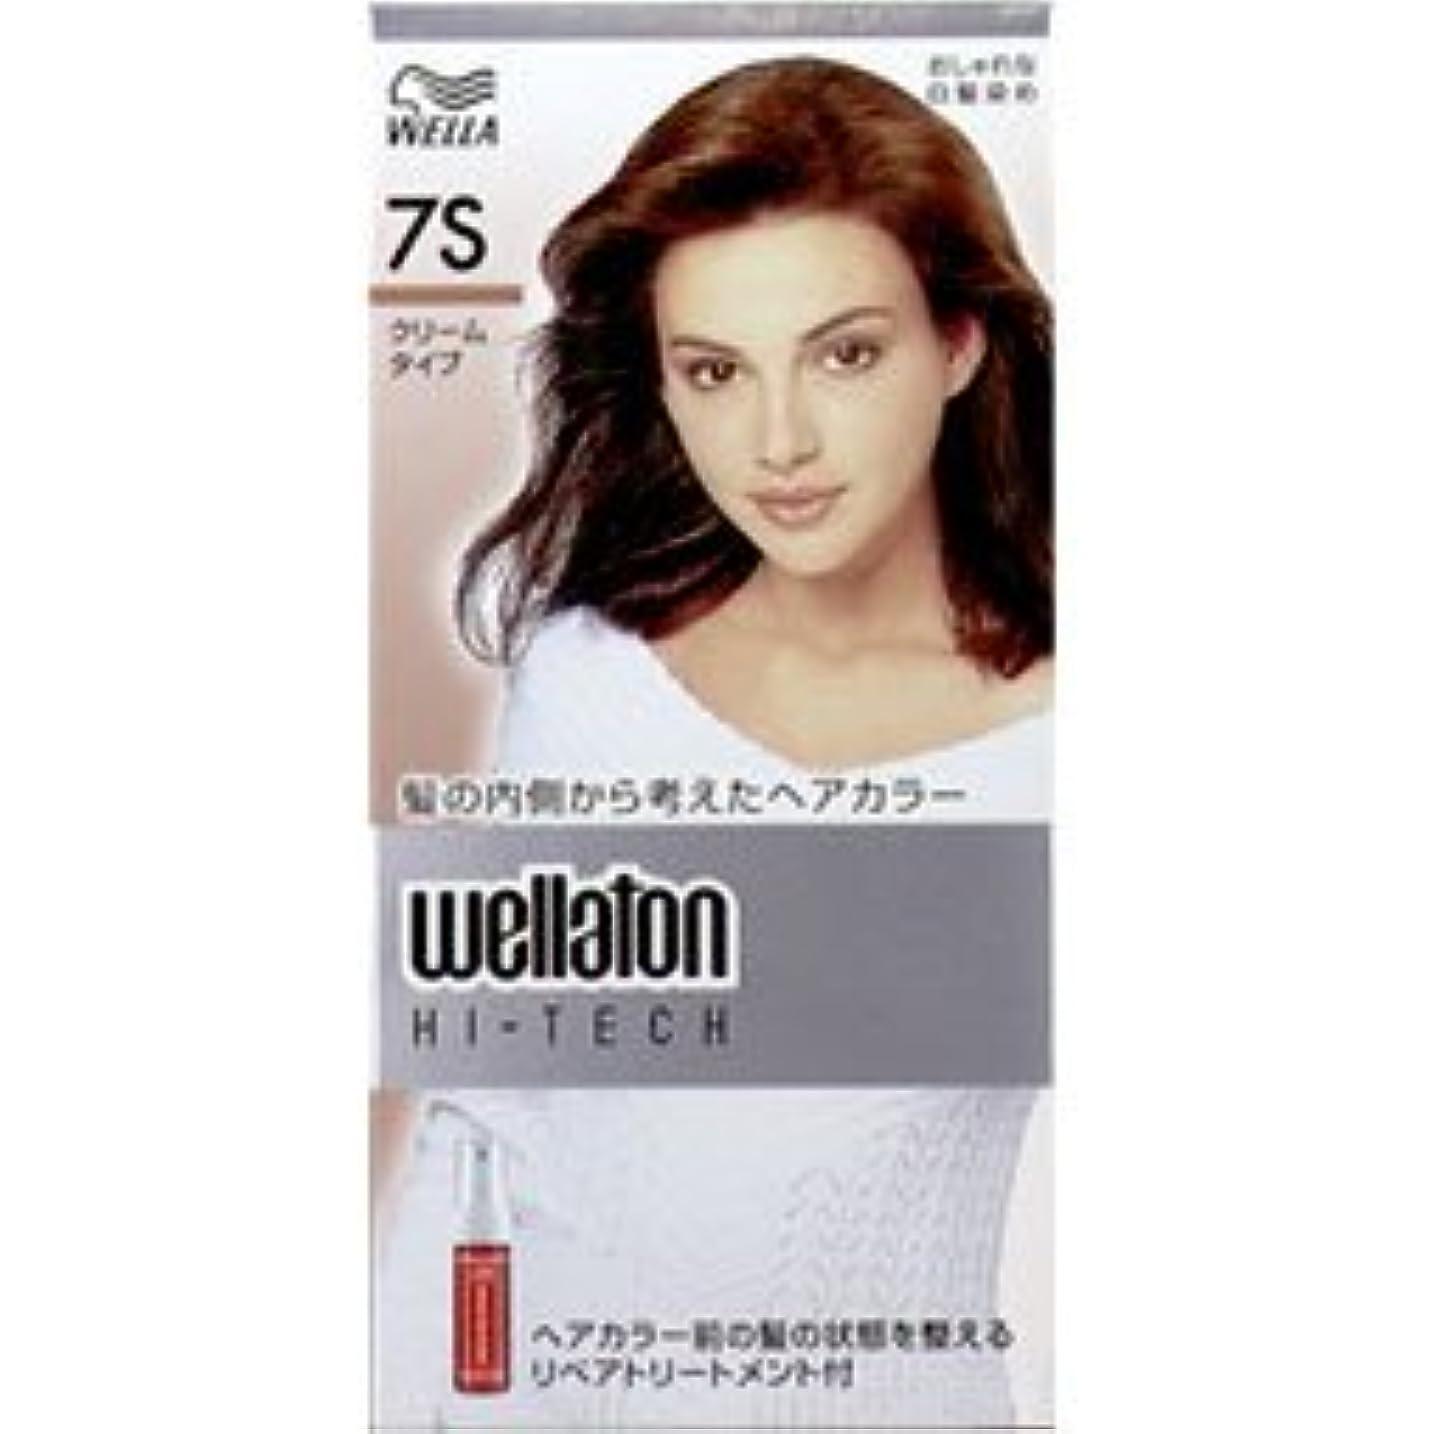 昨日作るテンポ【ヘアケア】P&G ウエラ ウエラトーン ハイテッククリーム 7S 透明感のある明るい栗色 (医薬部外品) 白髪染めヘアカラー(女性用)×24点セット (4902565140602)